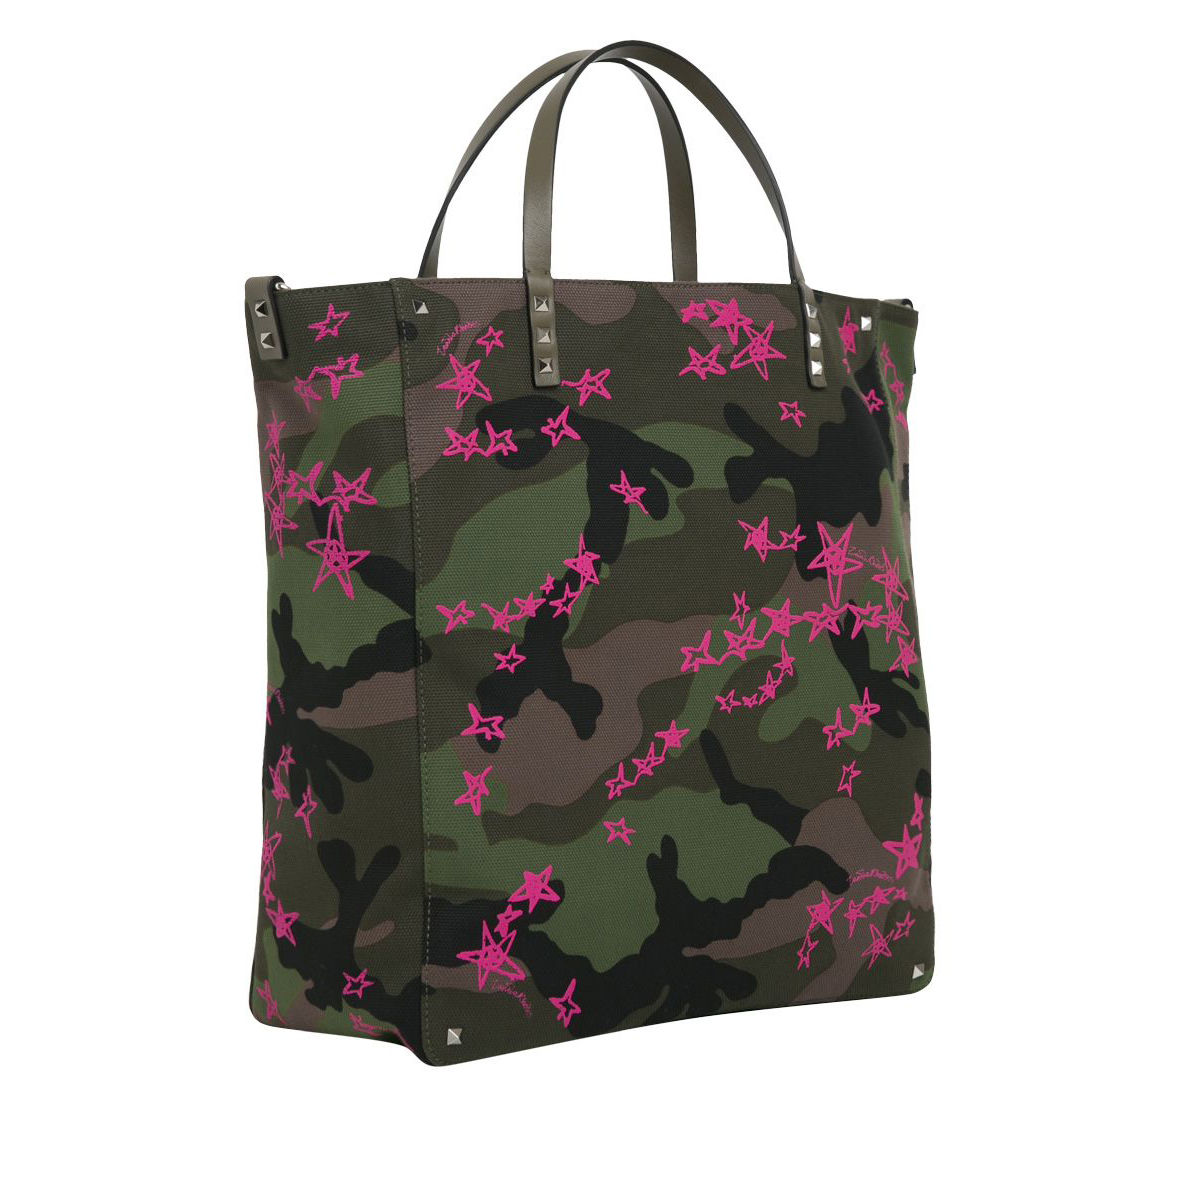 Torba camouflage VALENTINO – Kup Teraz! Najlepsze ceny i opinie! Sklep  PlacTrzechKrzyzy.com aece69e4965